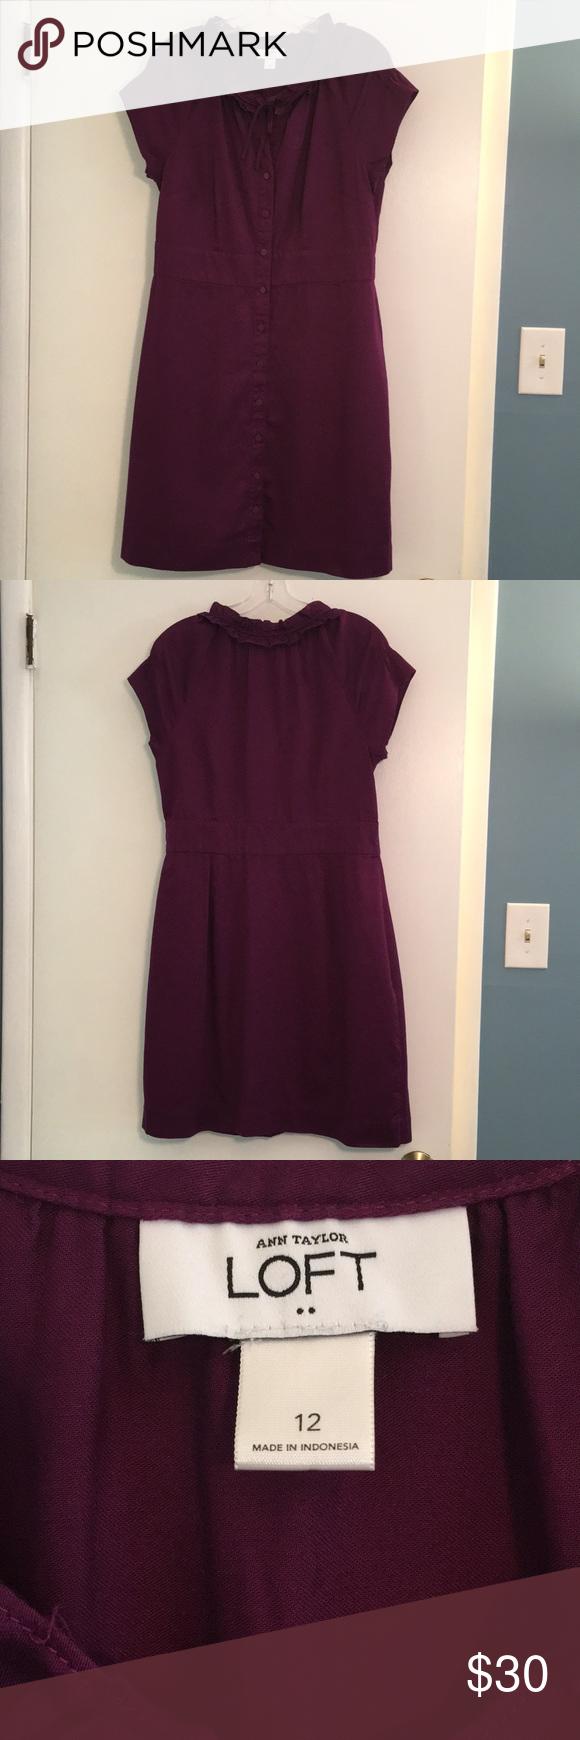 LOFT button up dress, purple, size 12